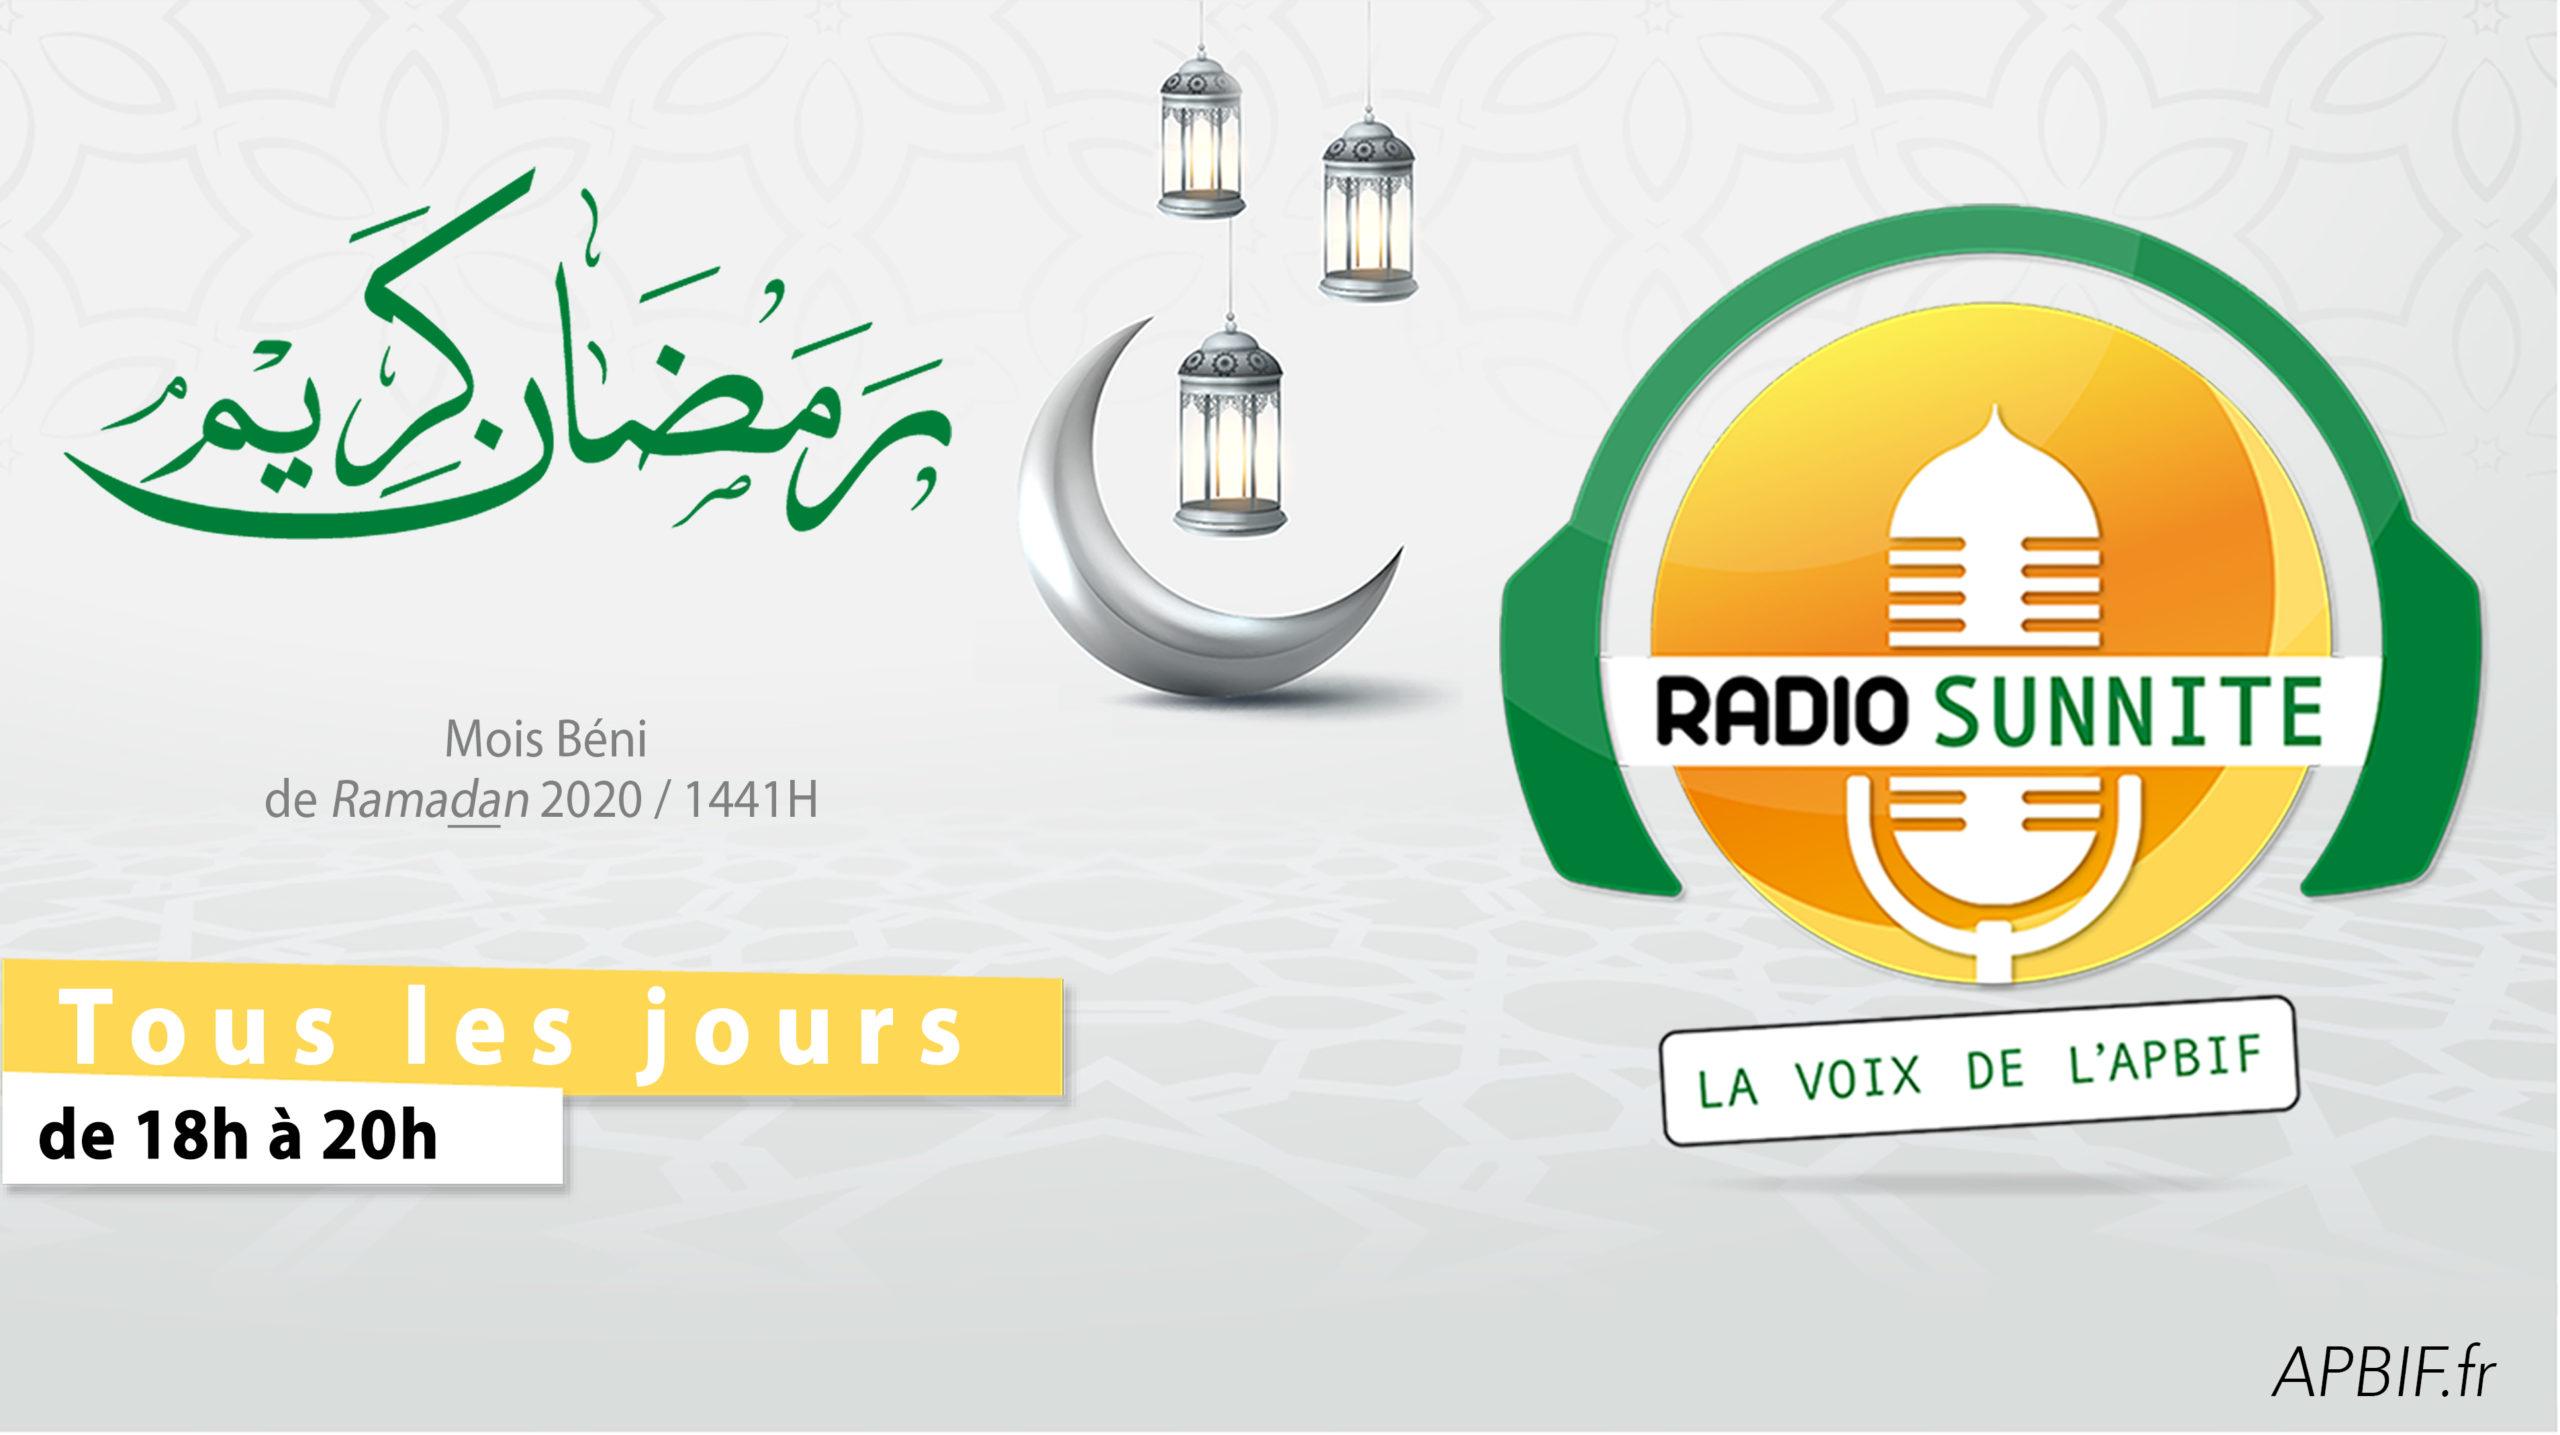 Ecoutez RADIO Sunnite, la voix de l'APBIF